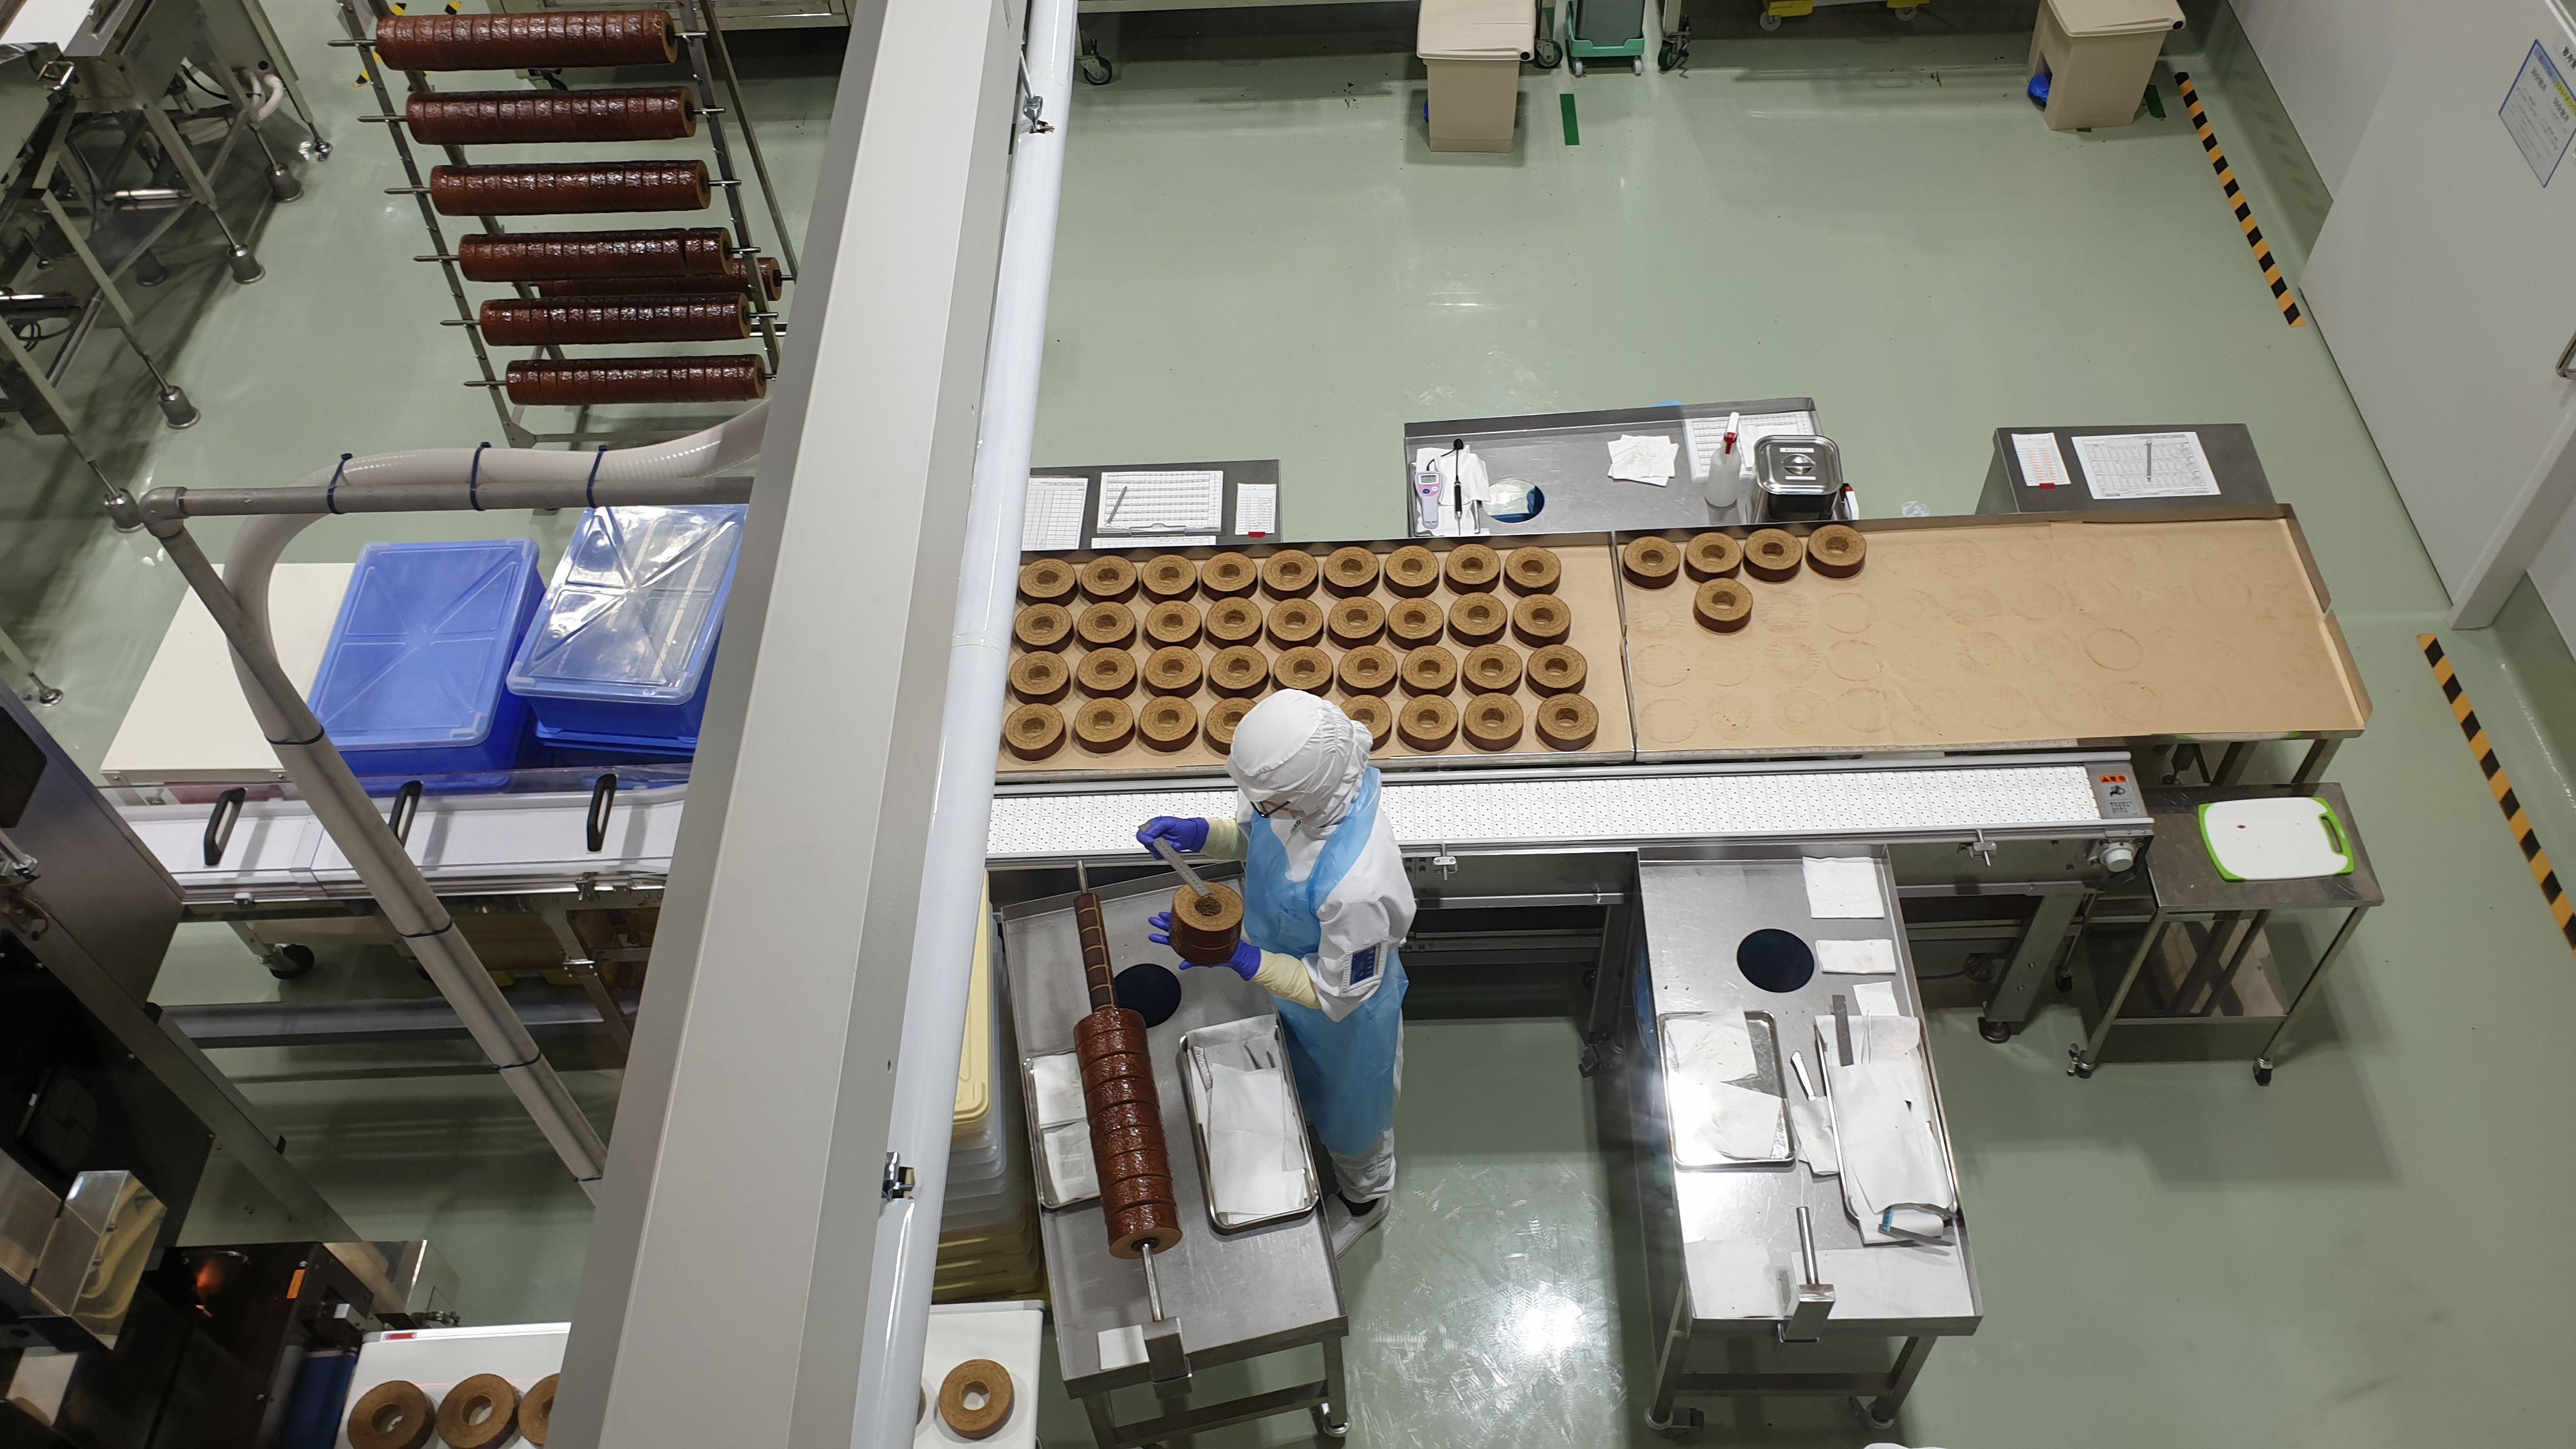 เที่ยวโรงงานช็อคโกแลตชิโรอิ โคอิบิโตะ พาร์ค(Shiroi koibito Park) ชื่อดังแห่งเมืองซัปโปโร